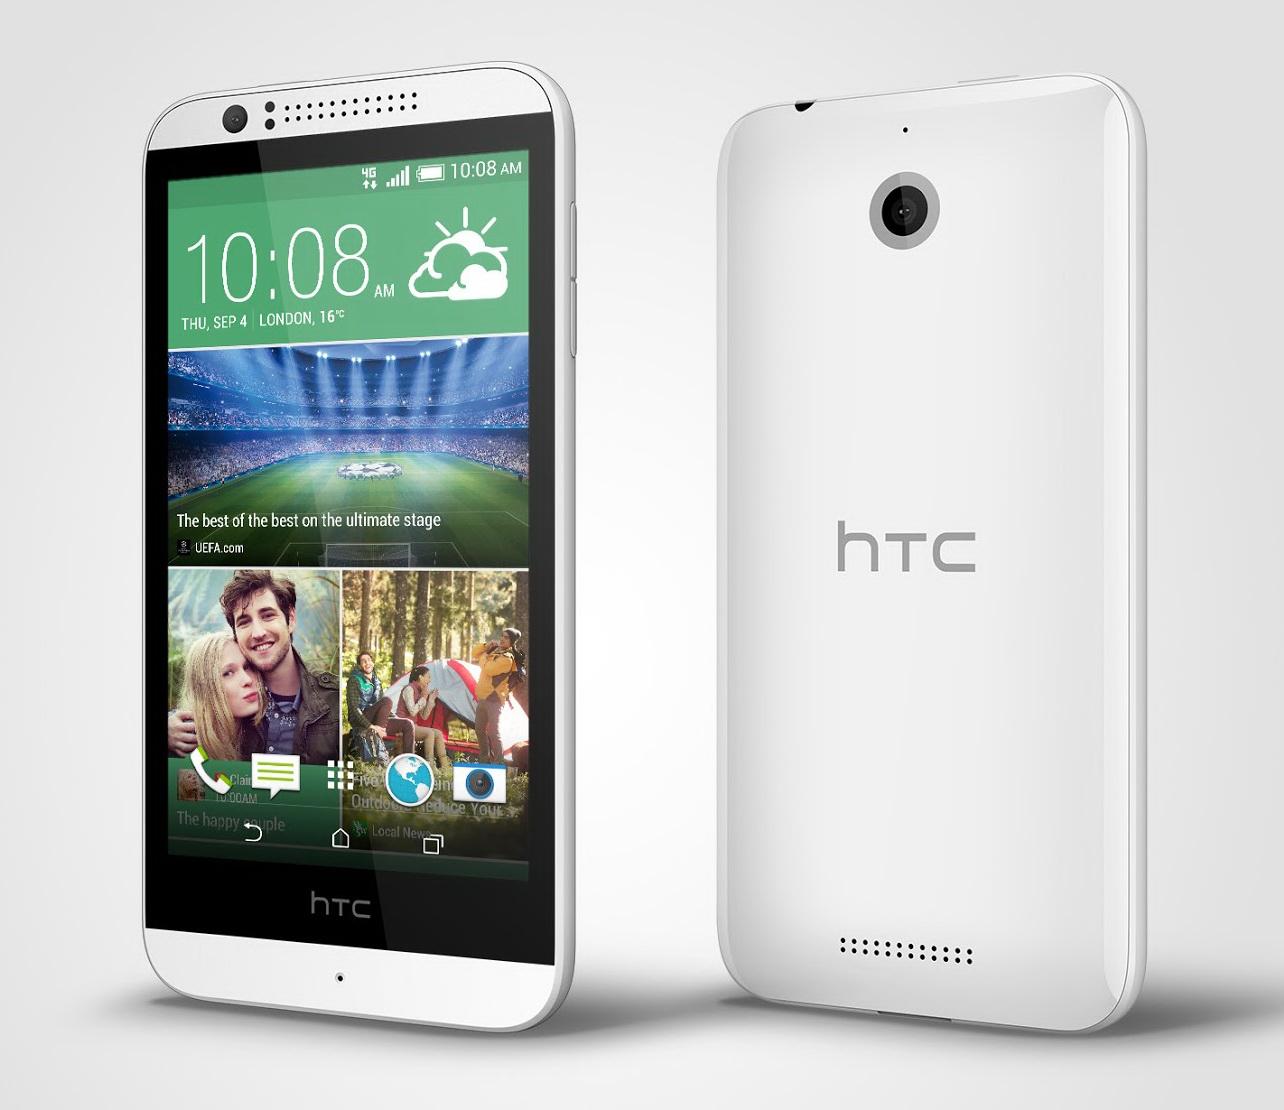 HTC Desire 510 anunțat oficial, vine cu suport 4G LTE și procesor 64 bit